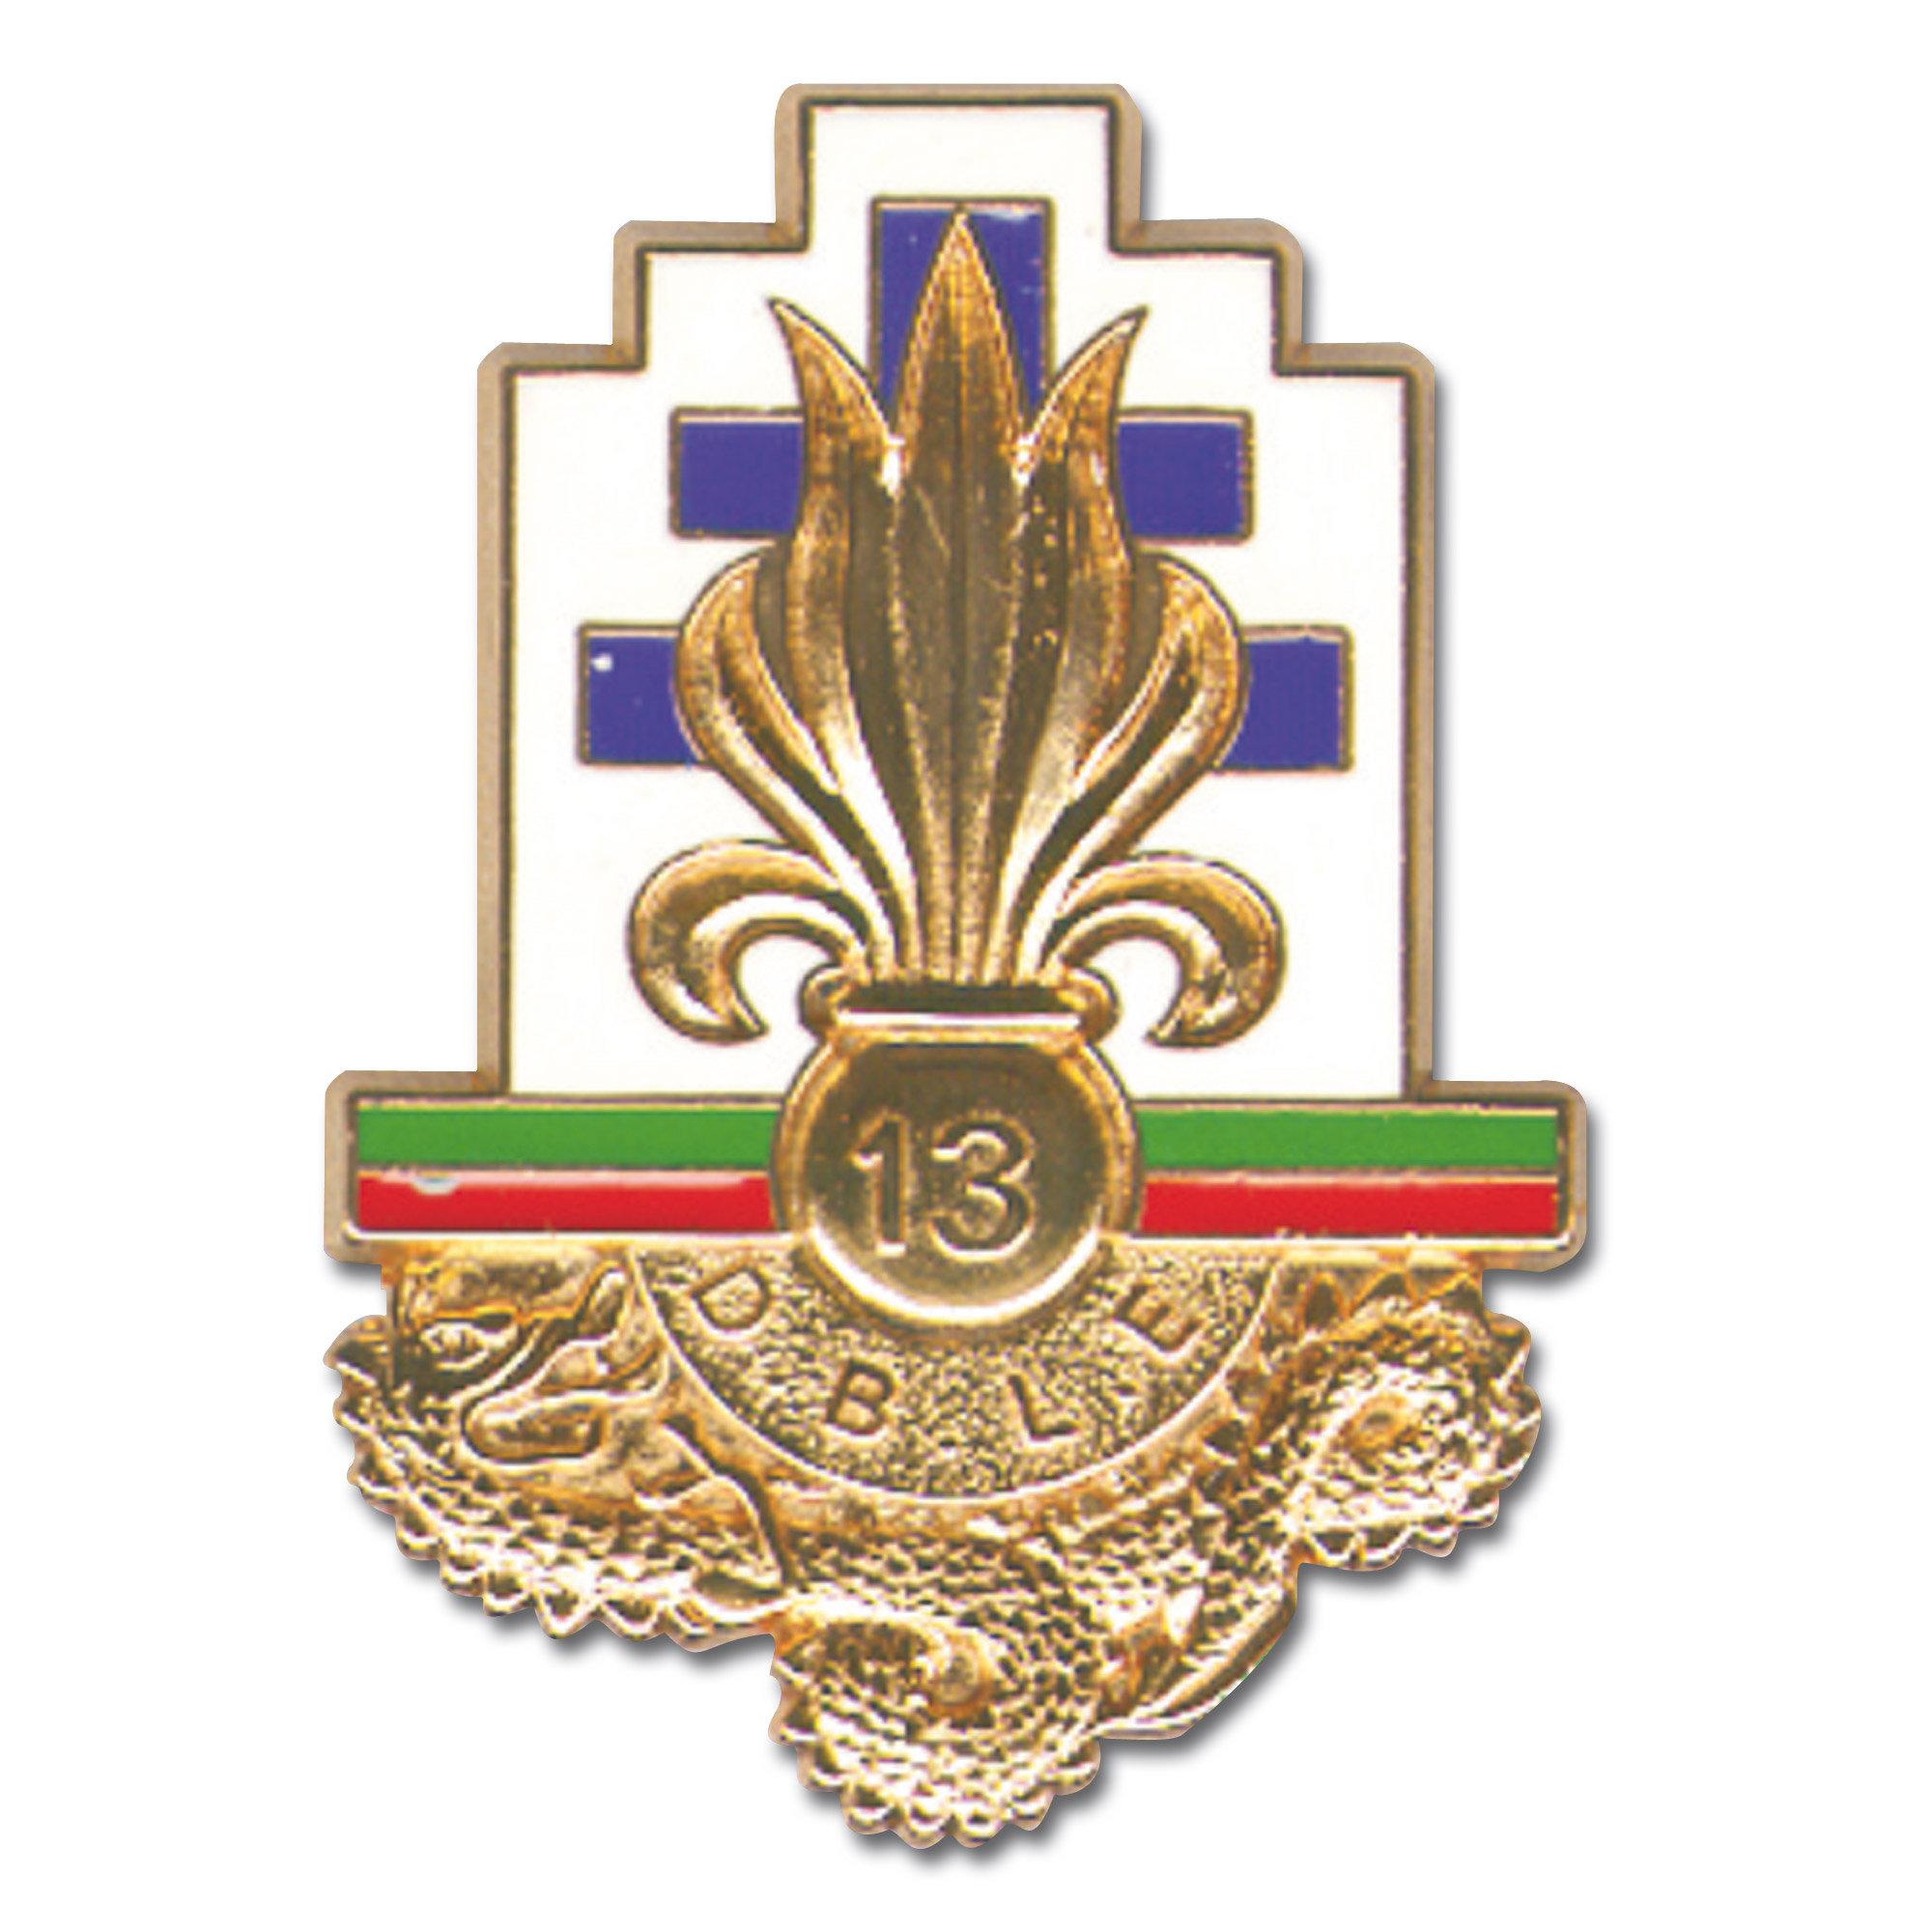 Abzeichen franz. Legion 13. DBLE